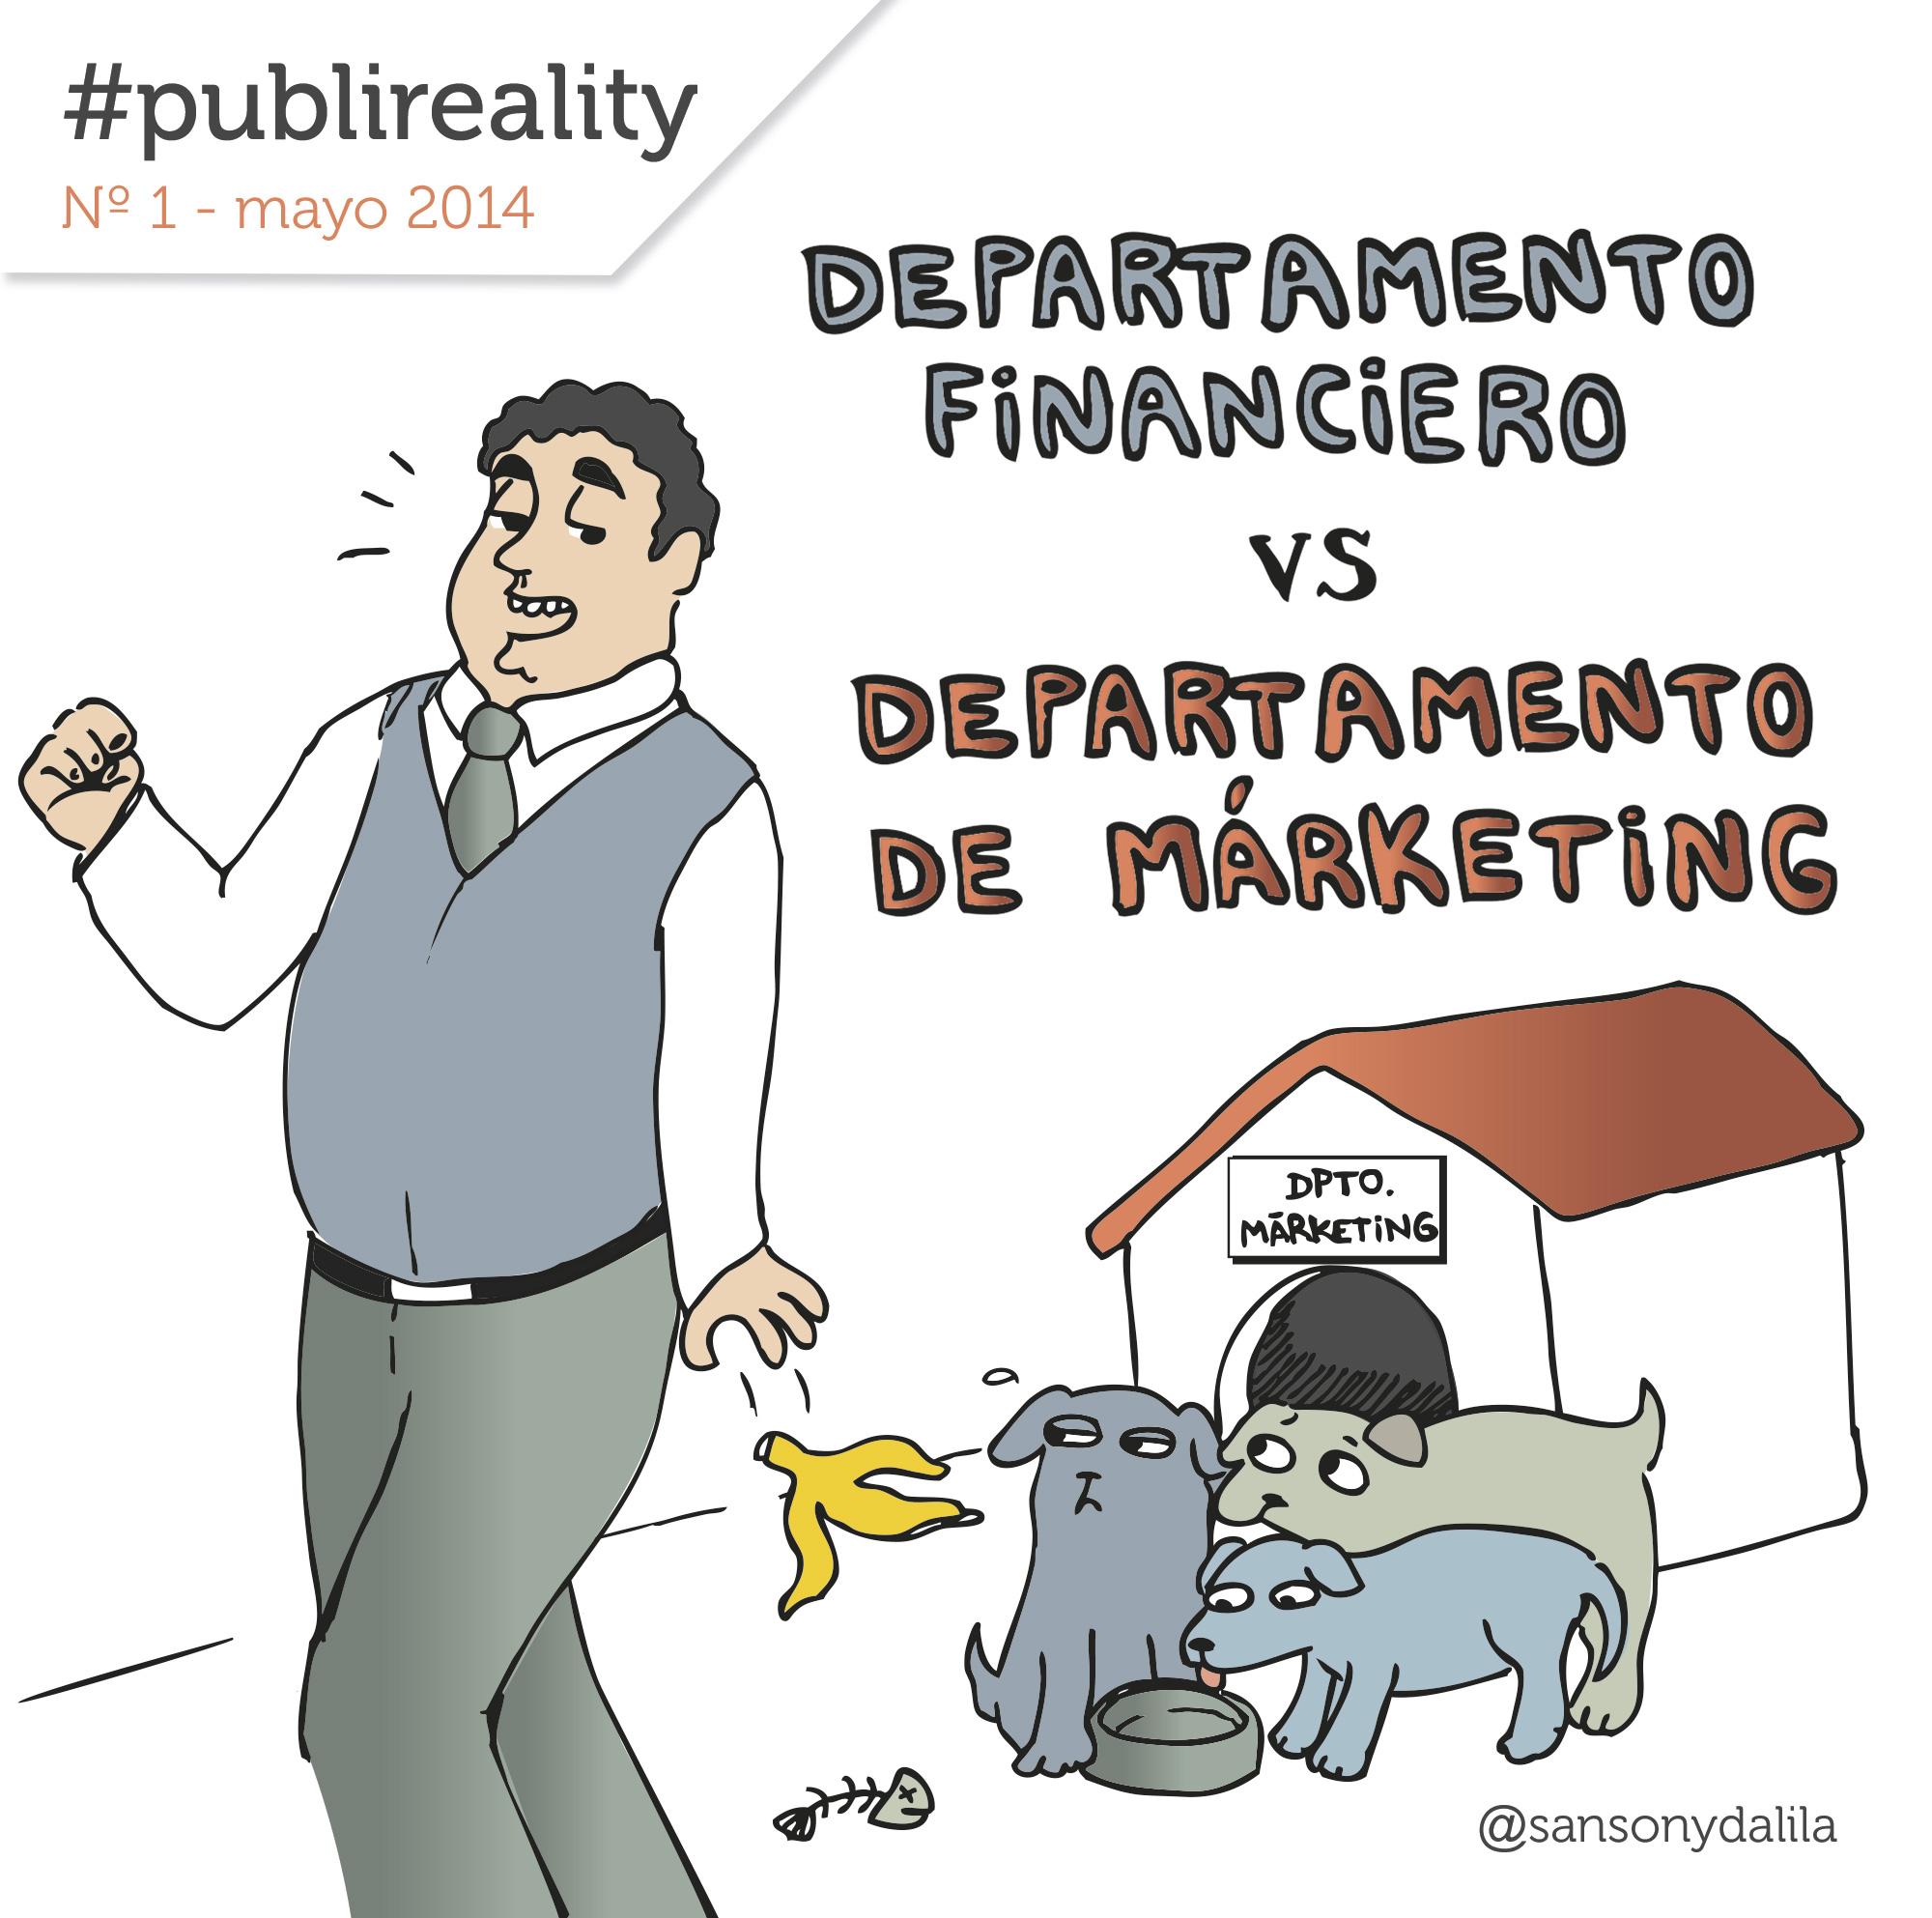 #publireality #1